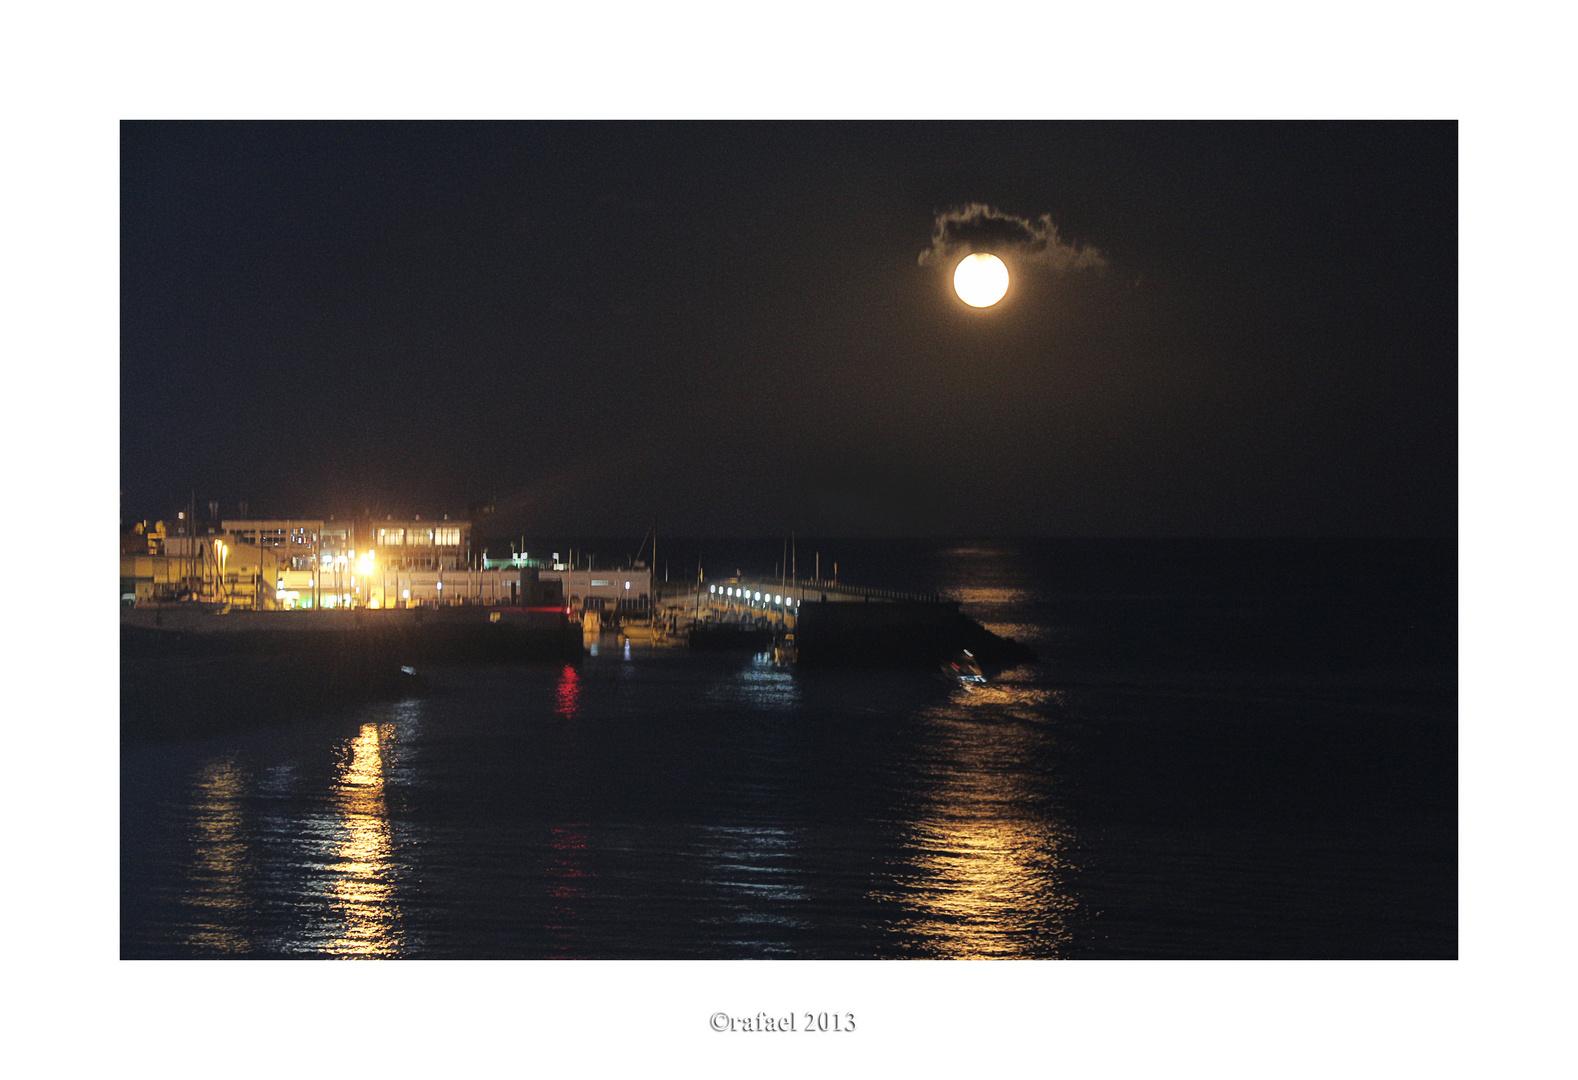 Estrenando luna llena